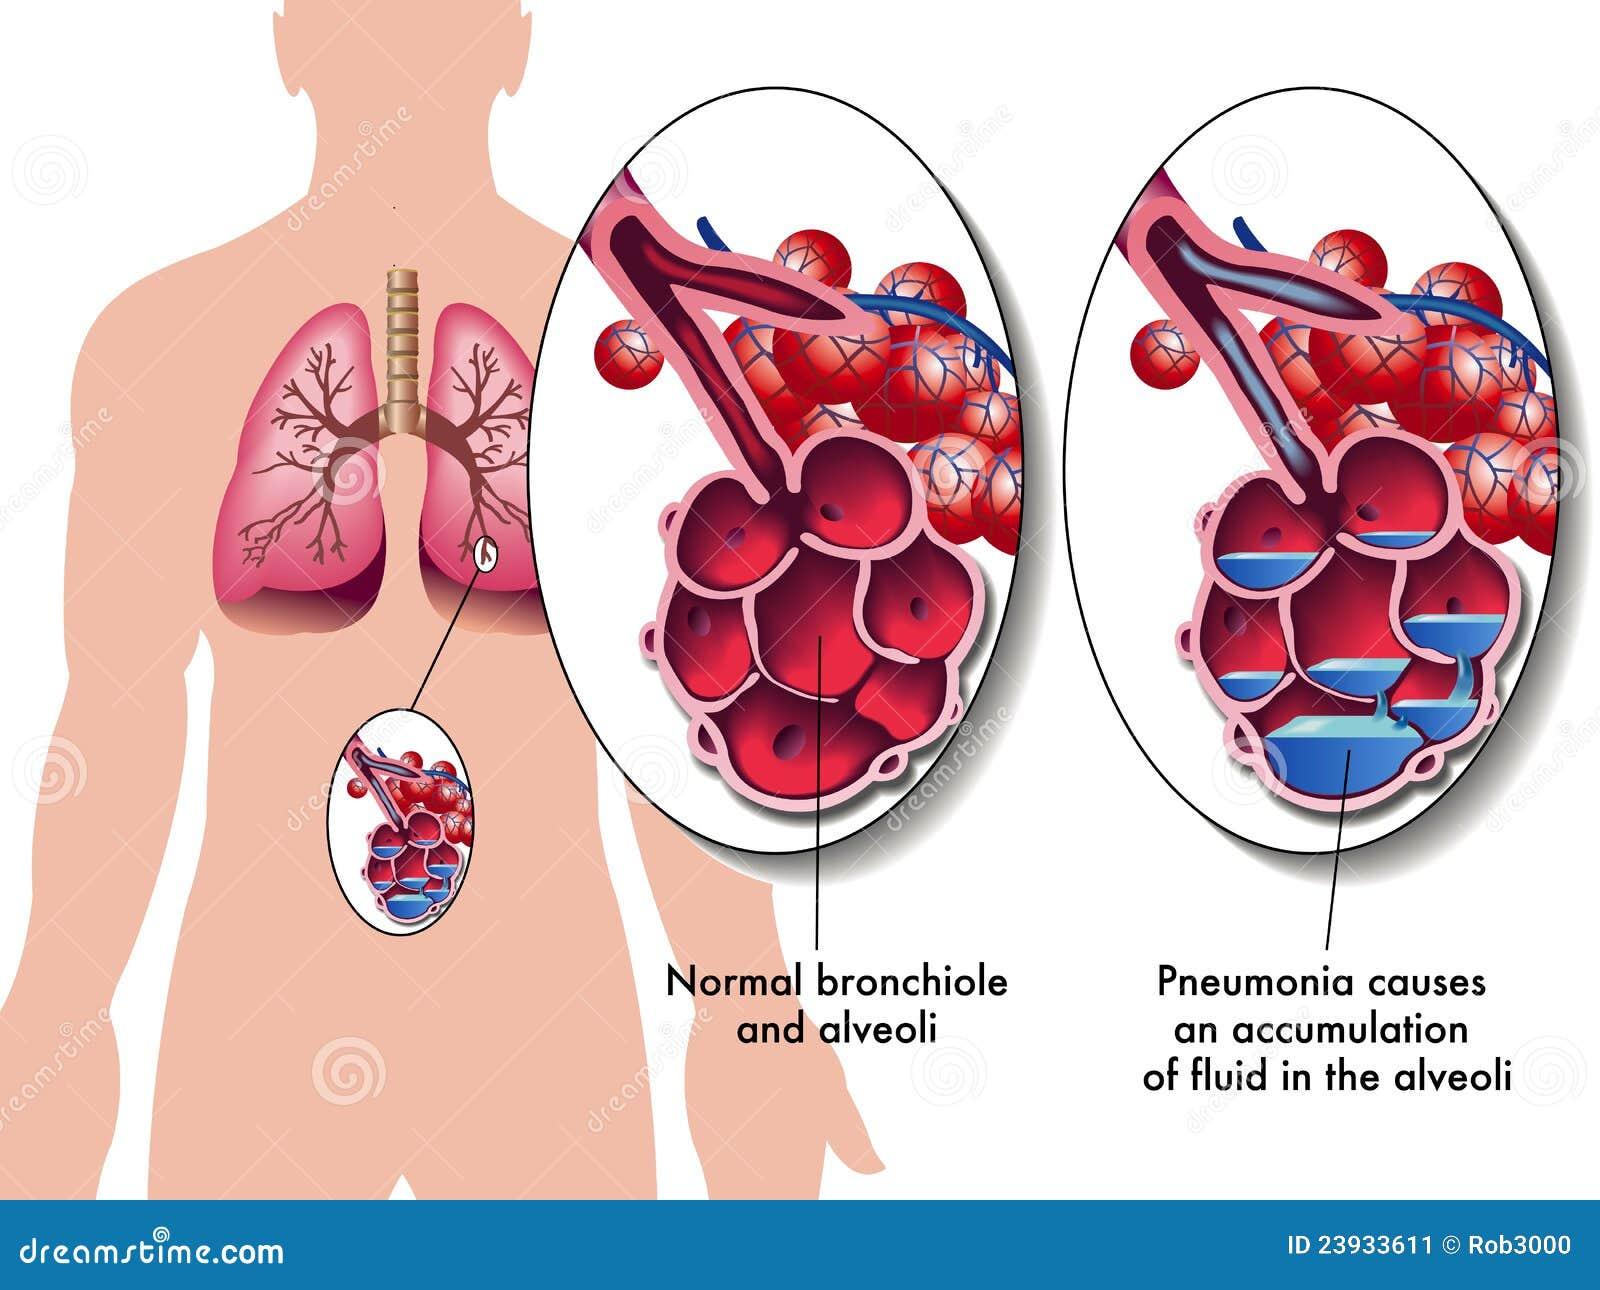 Pneumonia Stock Image - Image: 23933611